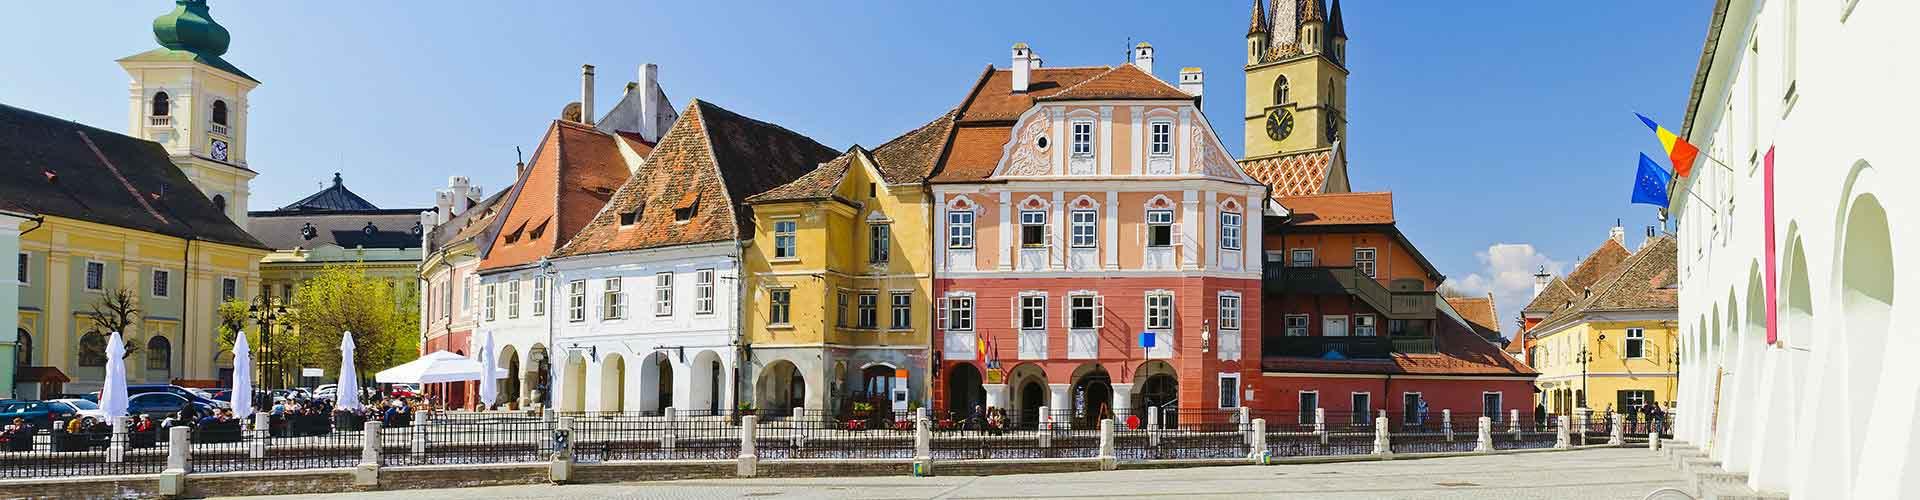 Sibiu - Campamentos en Sibiu. Mapas de Sibiu, Fotos y comentarios de cada Campamento en Sibiu.